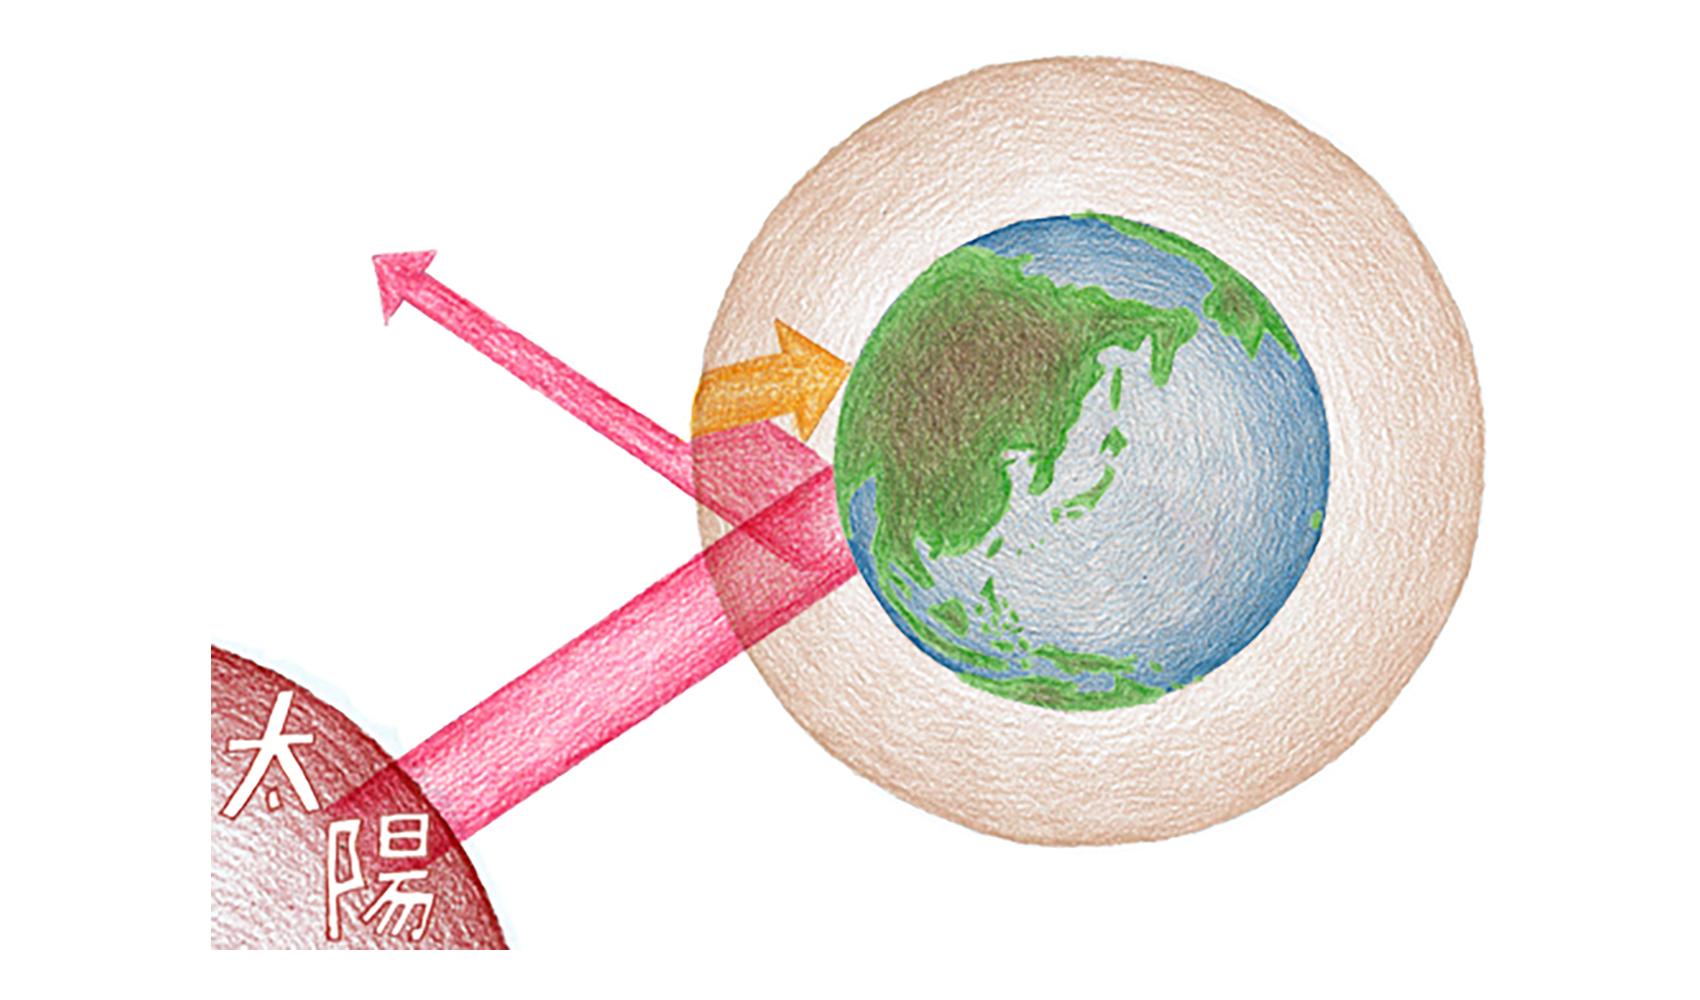 温室効果とは何ですか?